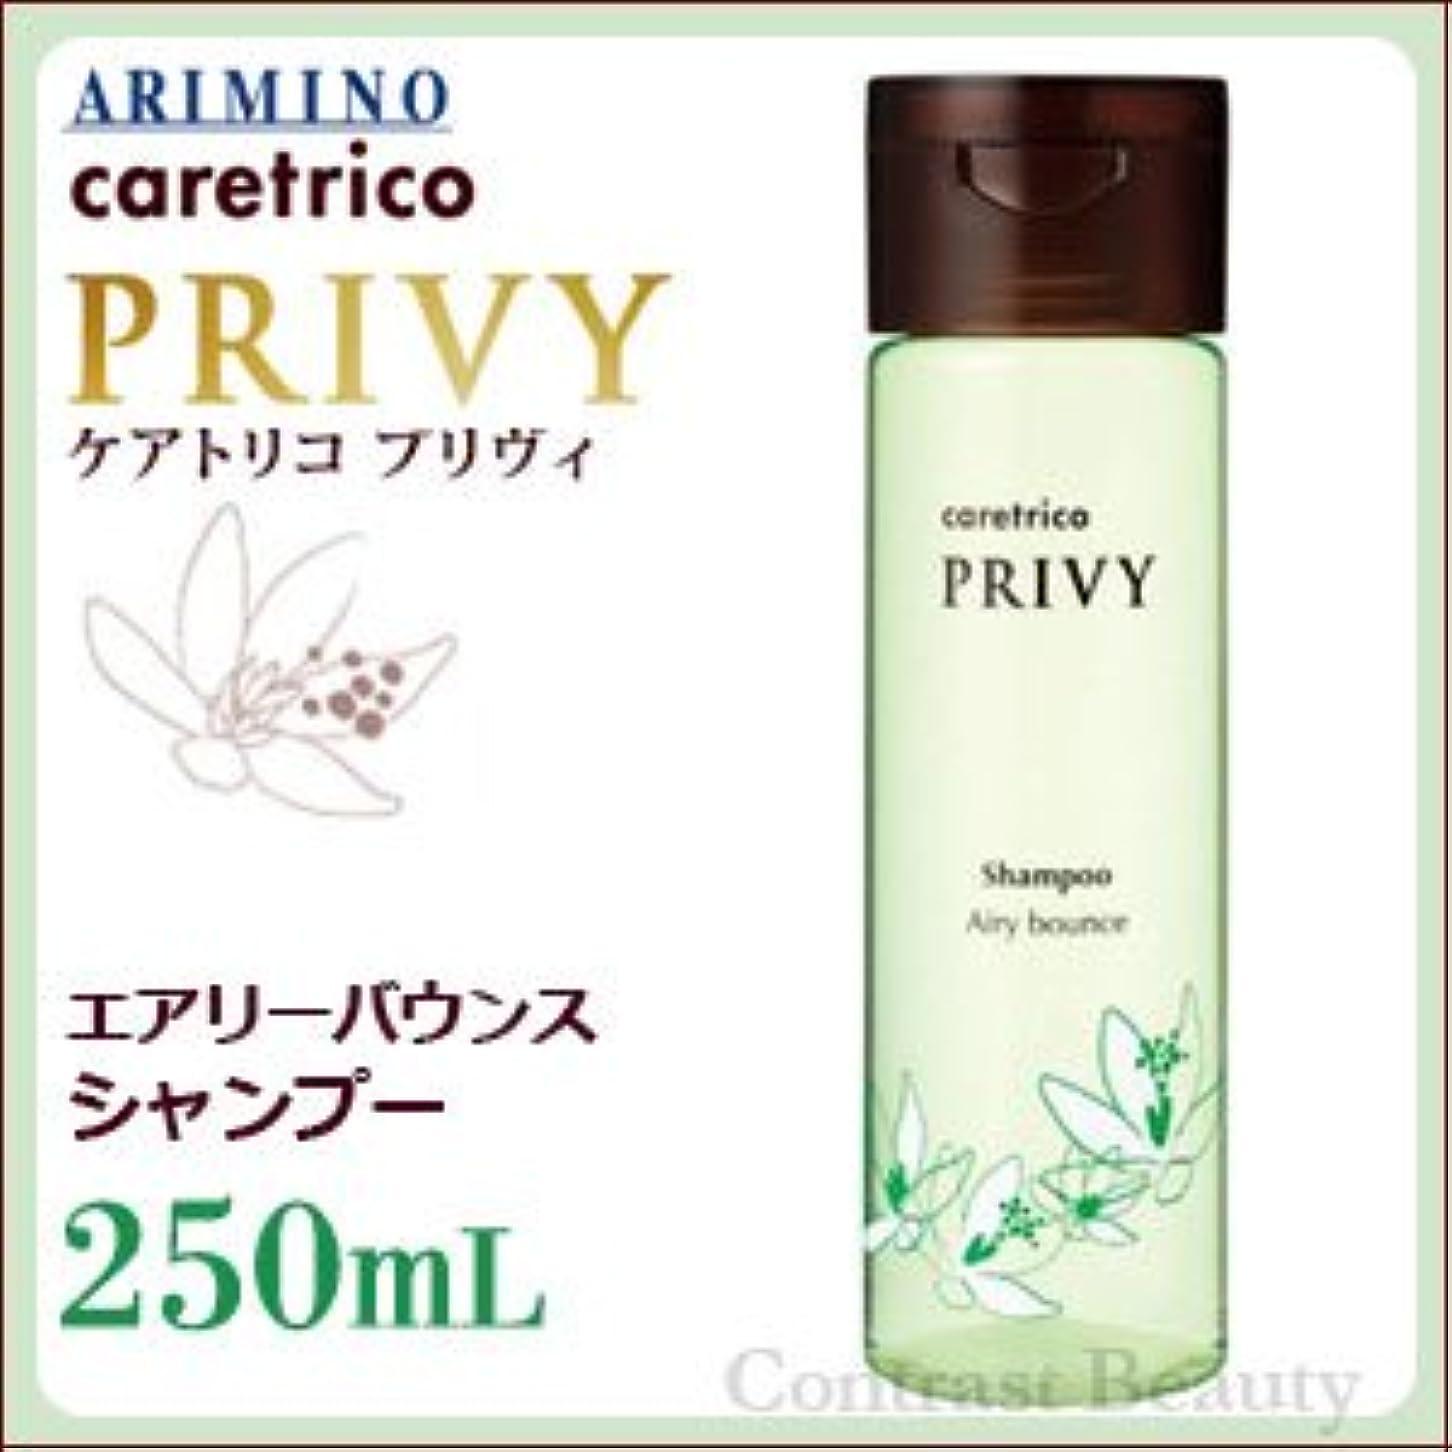 【x5個セット】 アリミノ ケアトリコ プリヴィ エアリーバウンス シャンプー 250ml